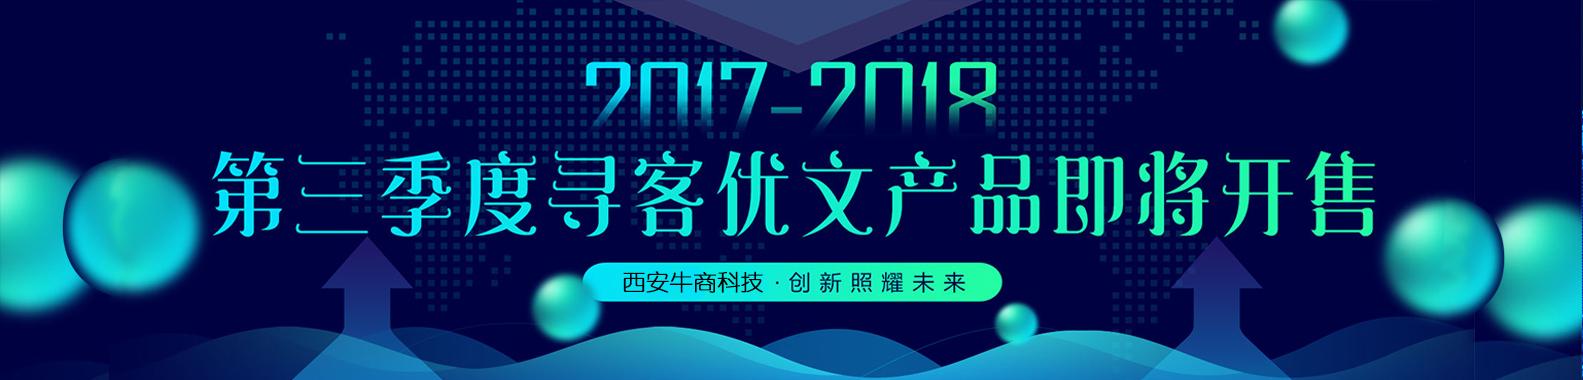 西安搜索引擎推广公司